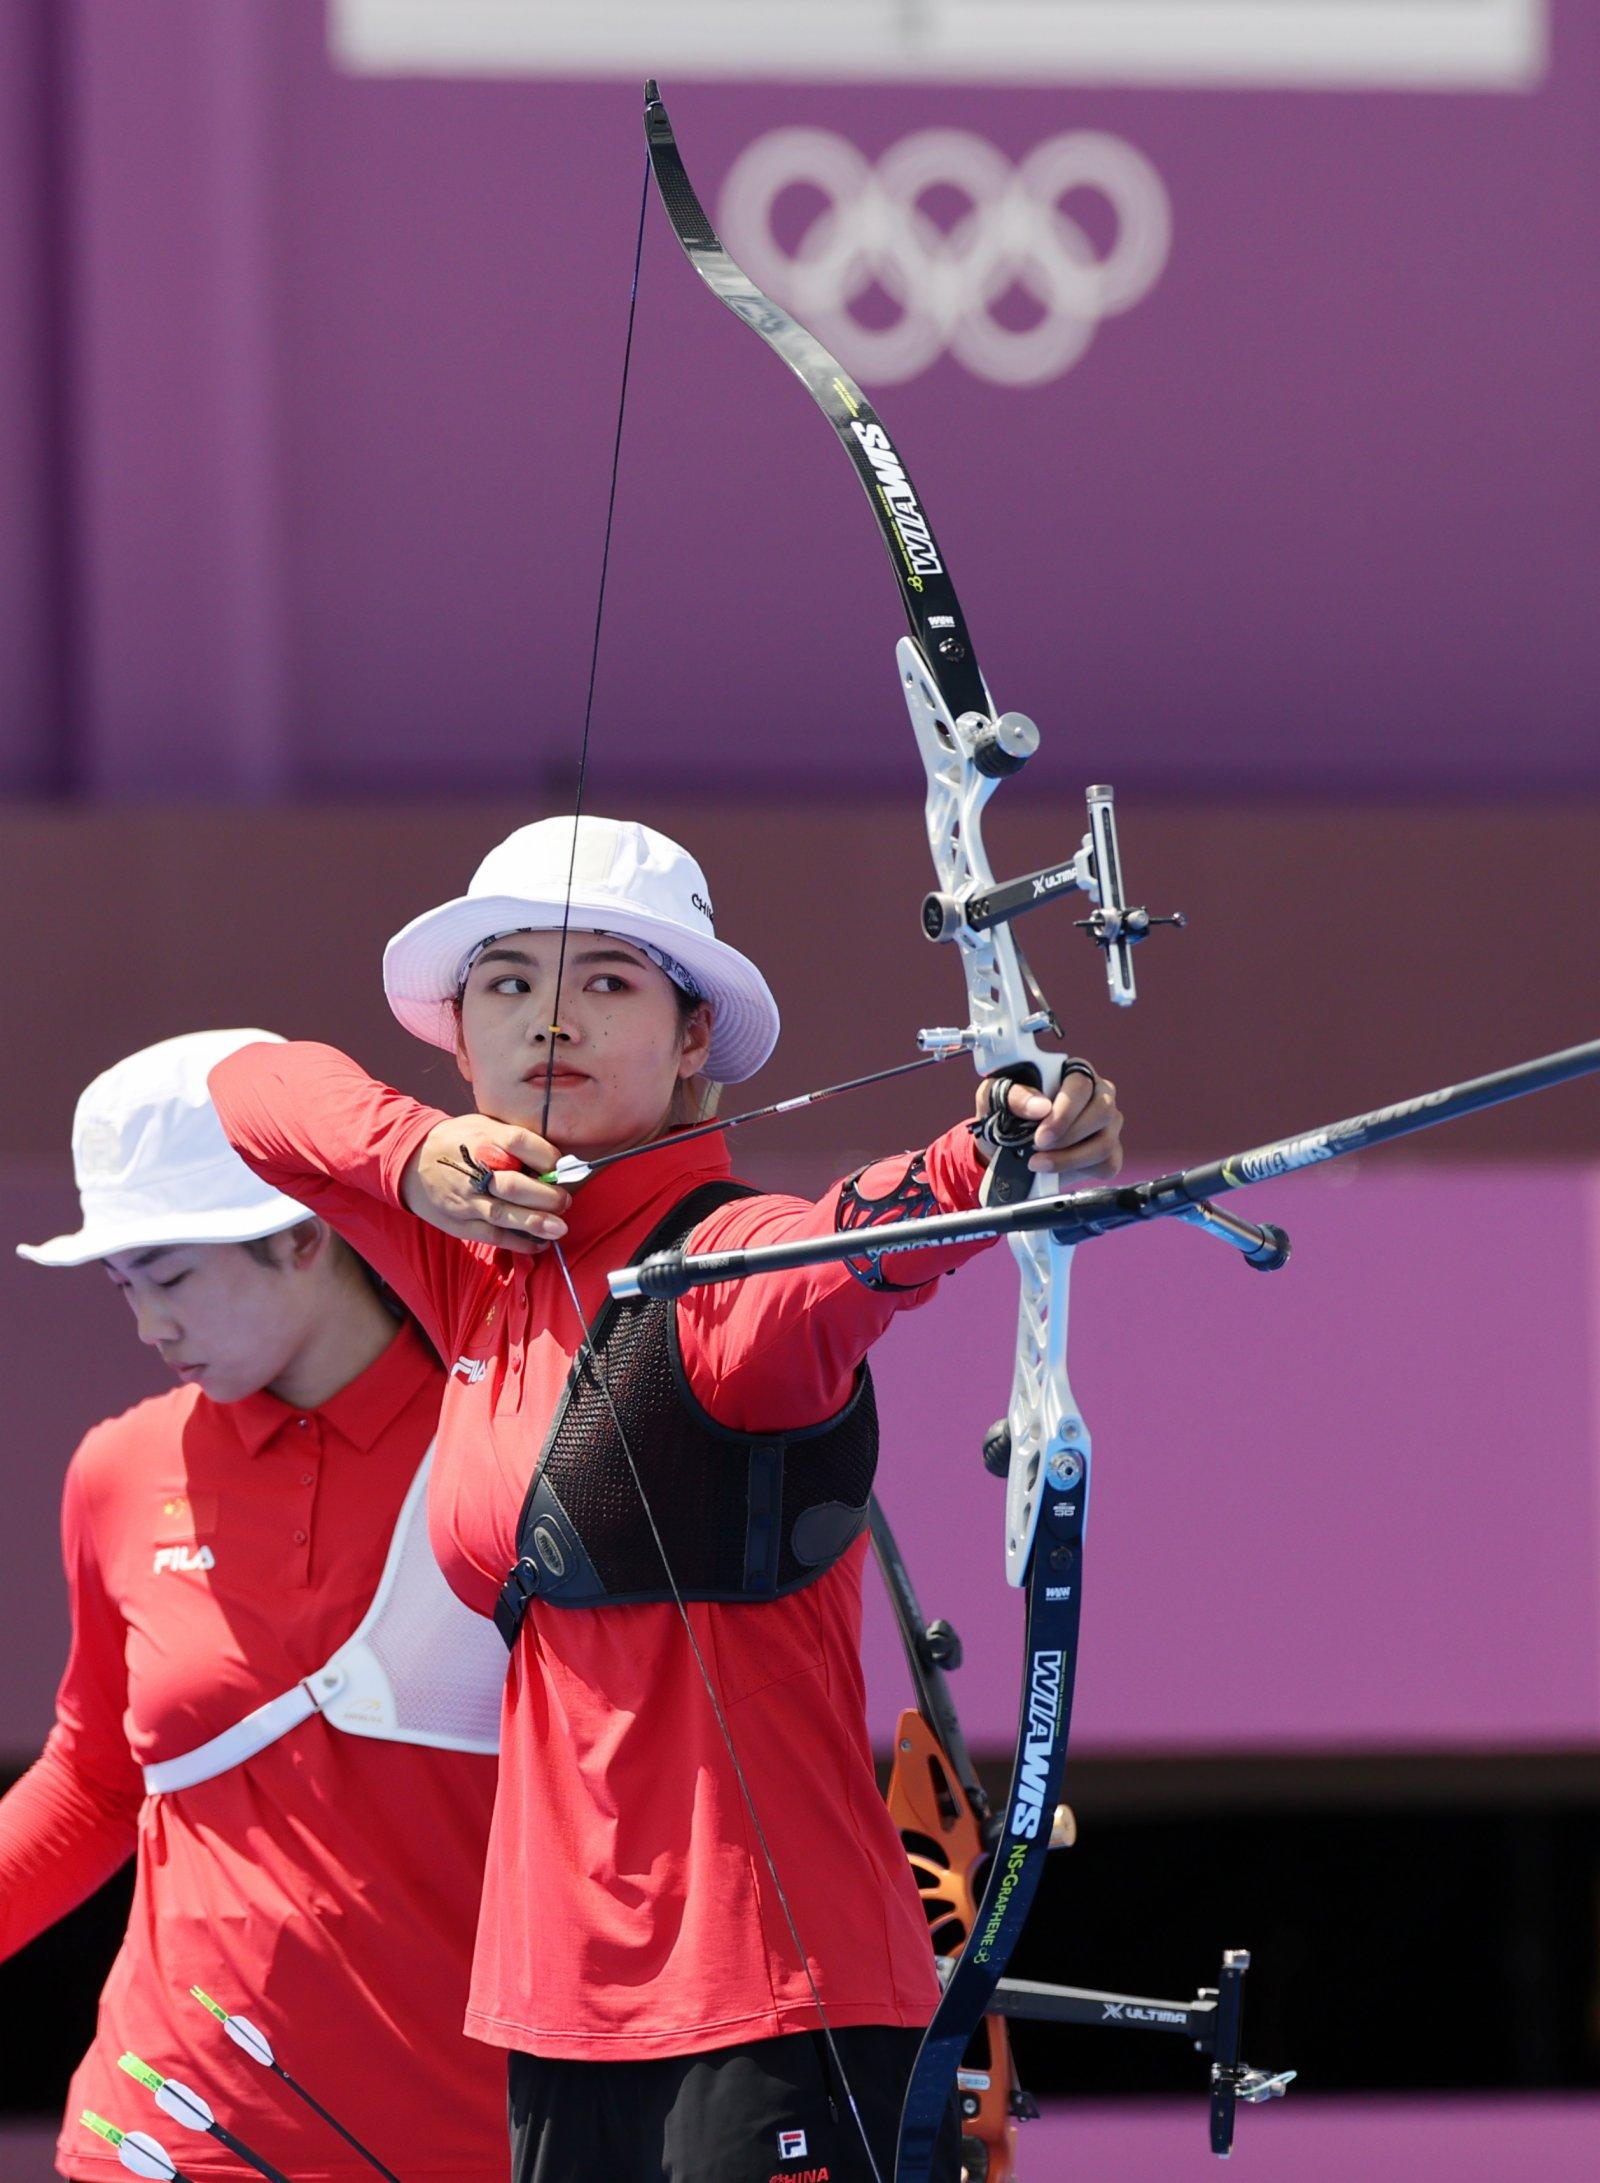 7月25日,中國隊選手龍曉清在比賽中。(新華社)